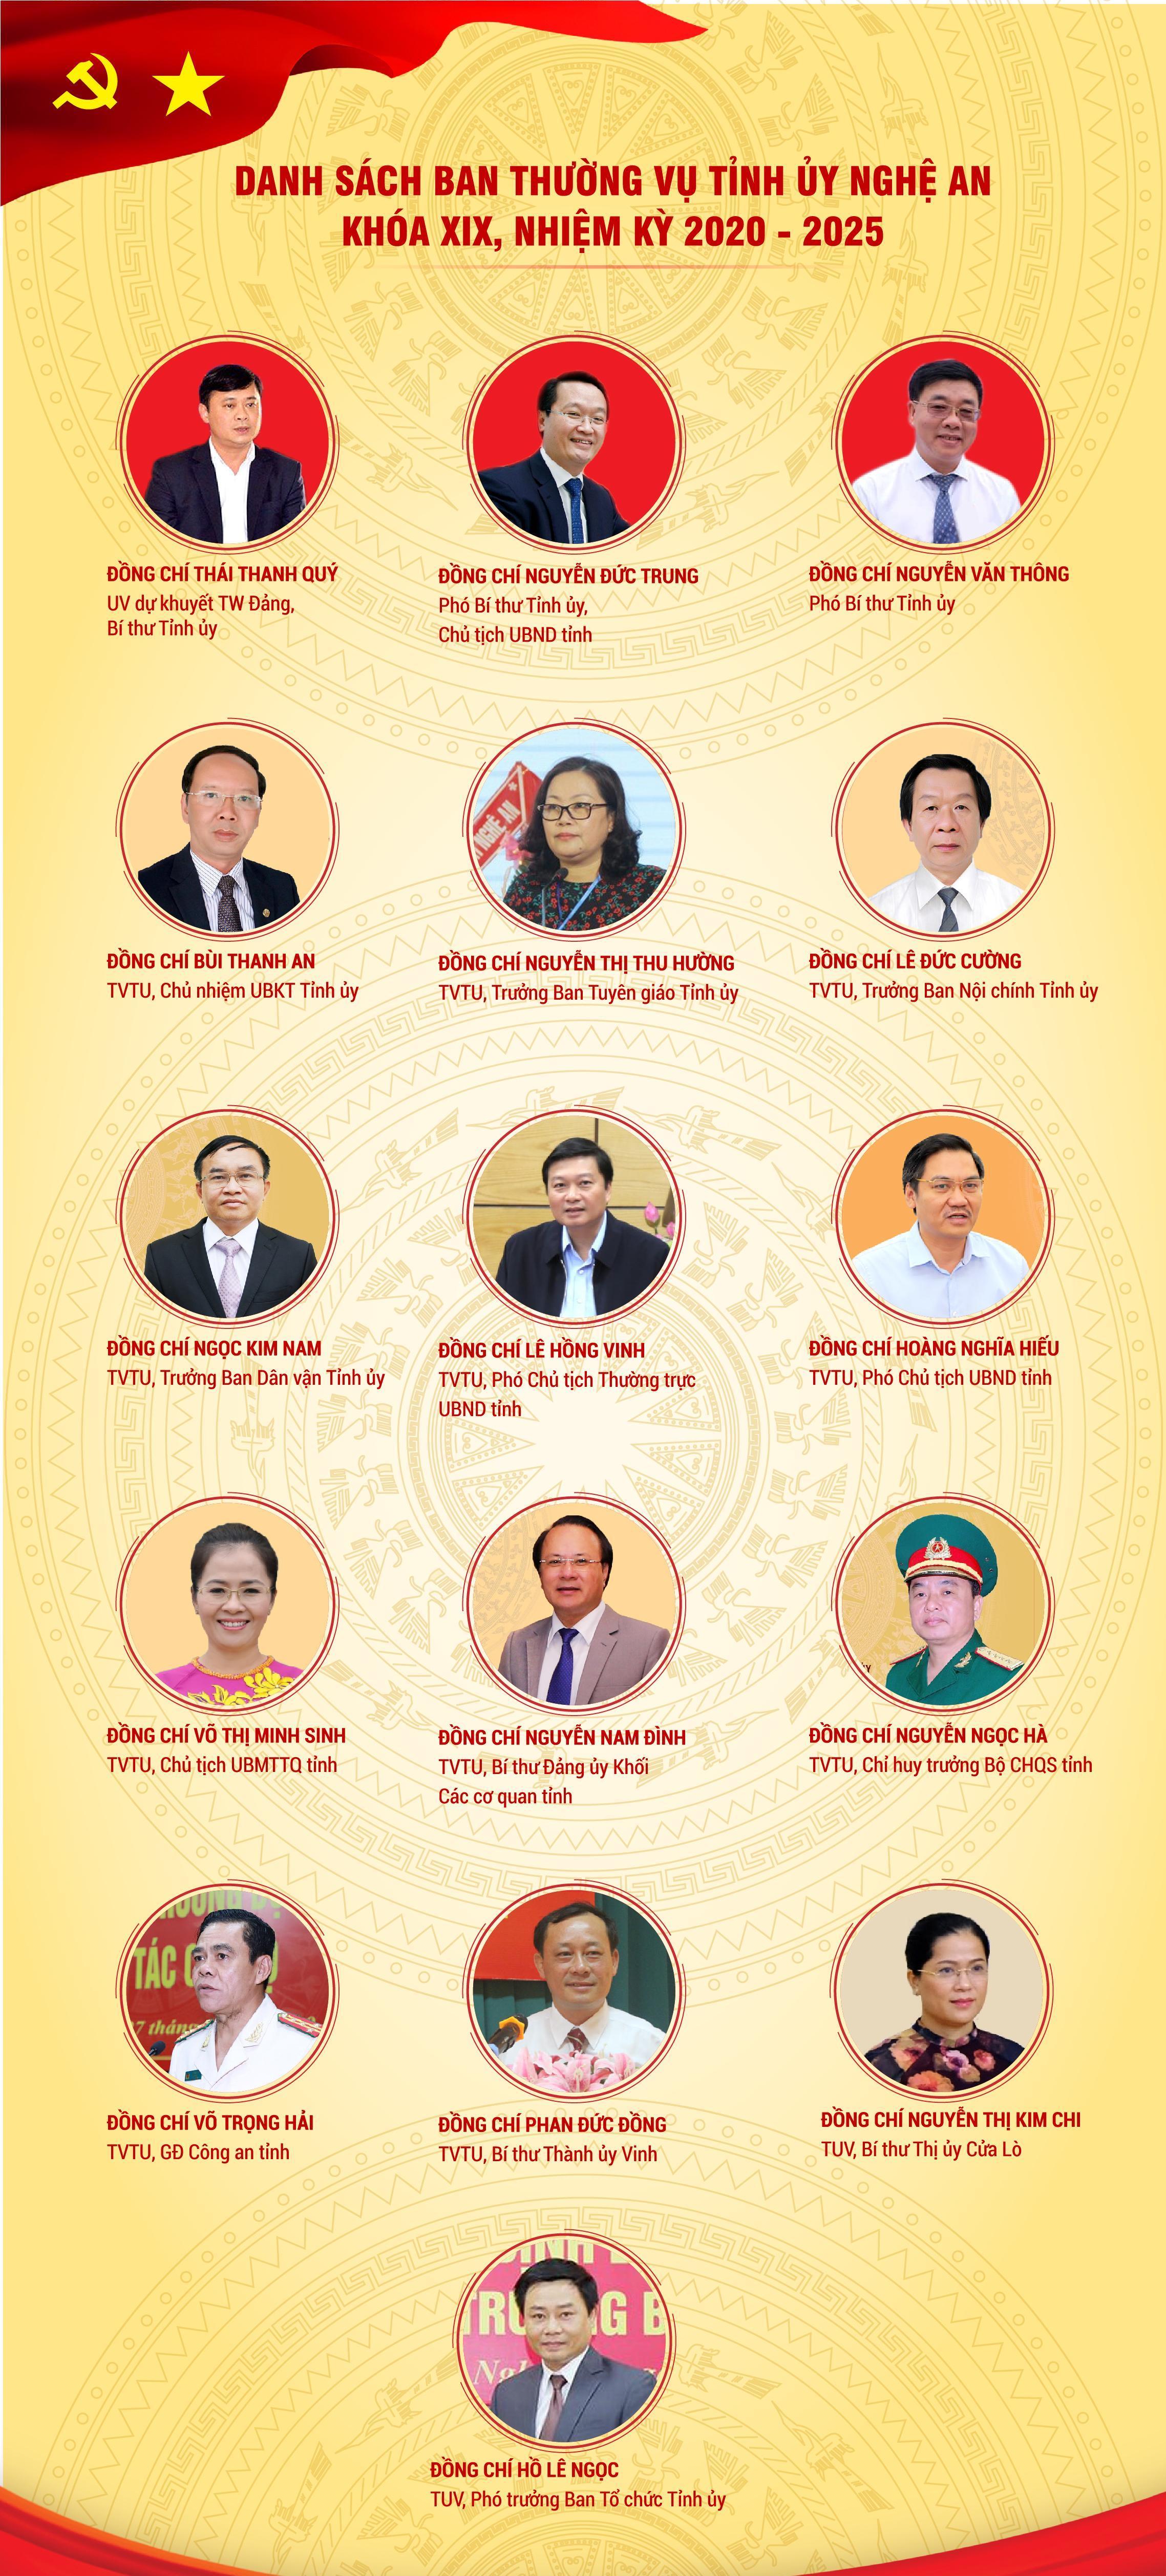 Danh sách 16 Ủy viên BTV Tỉnh ủy Nghệ An nhiệm kỳ 2020-2025. (Ảnh: NTV).